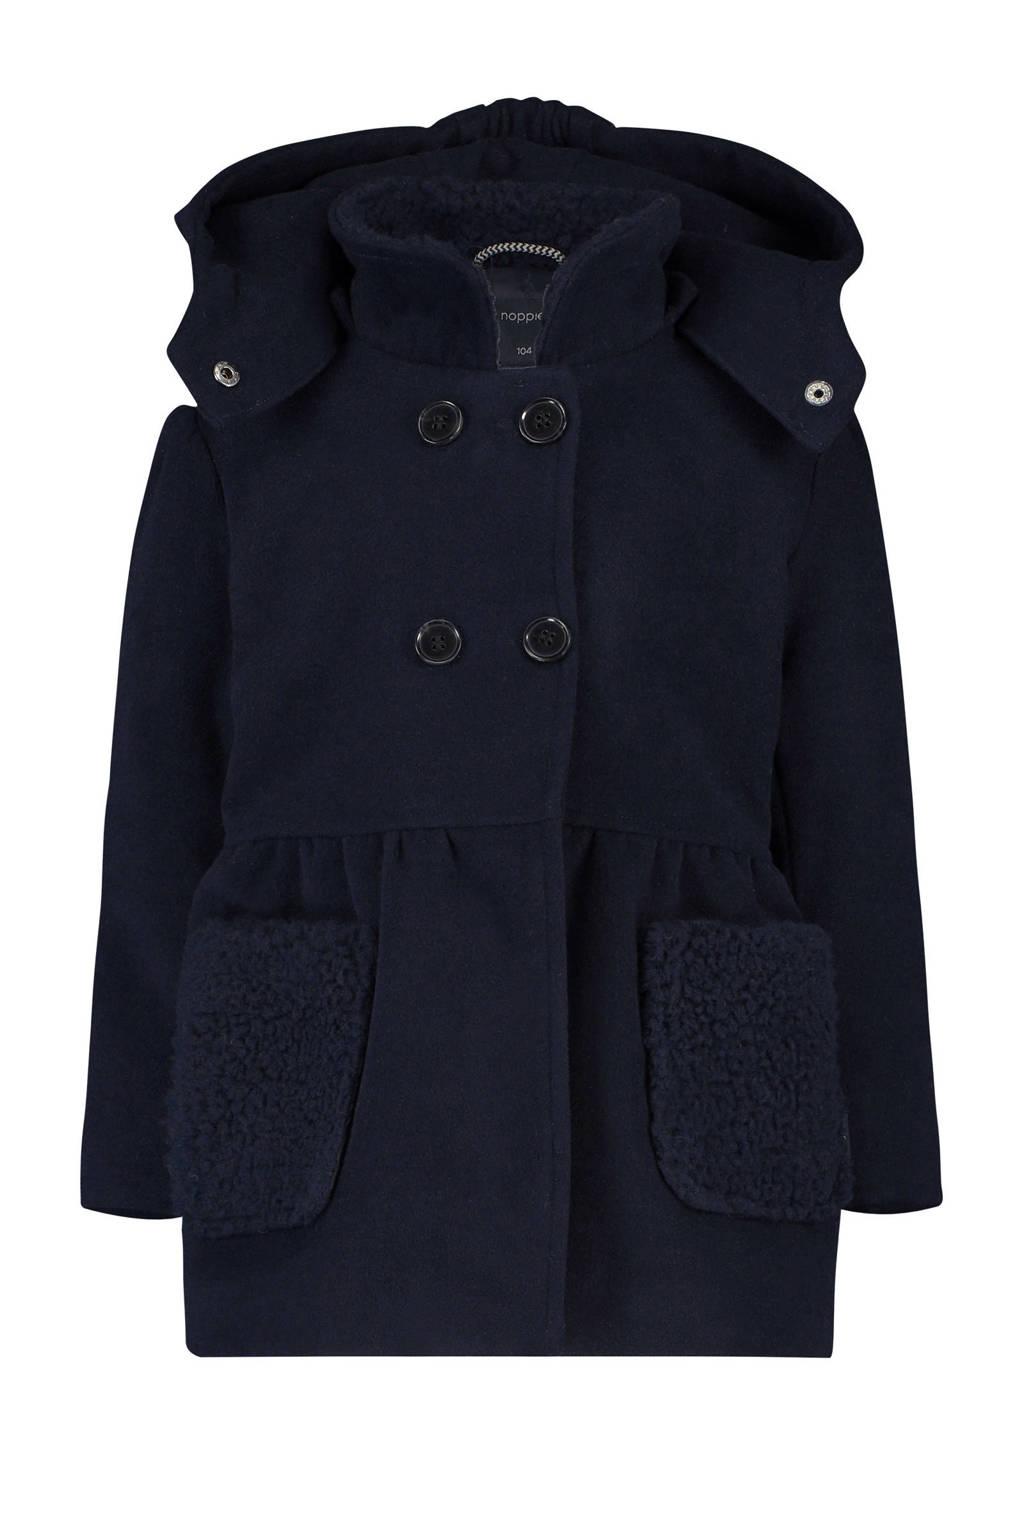 Noppies winterjas Bettendorf donkerblauw, Donkerblauw